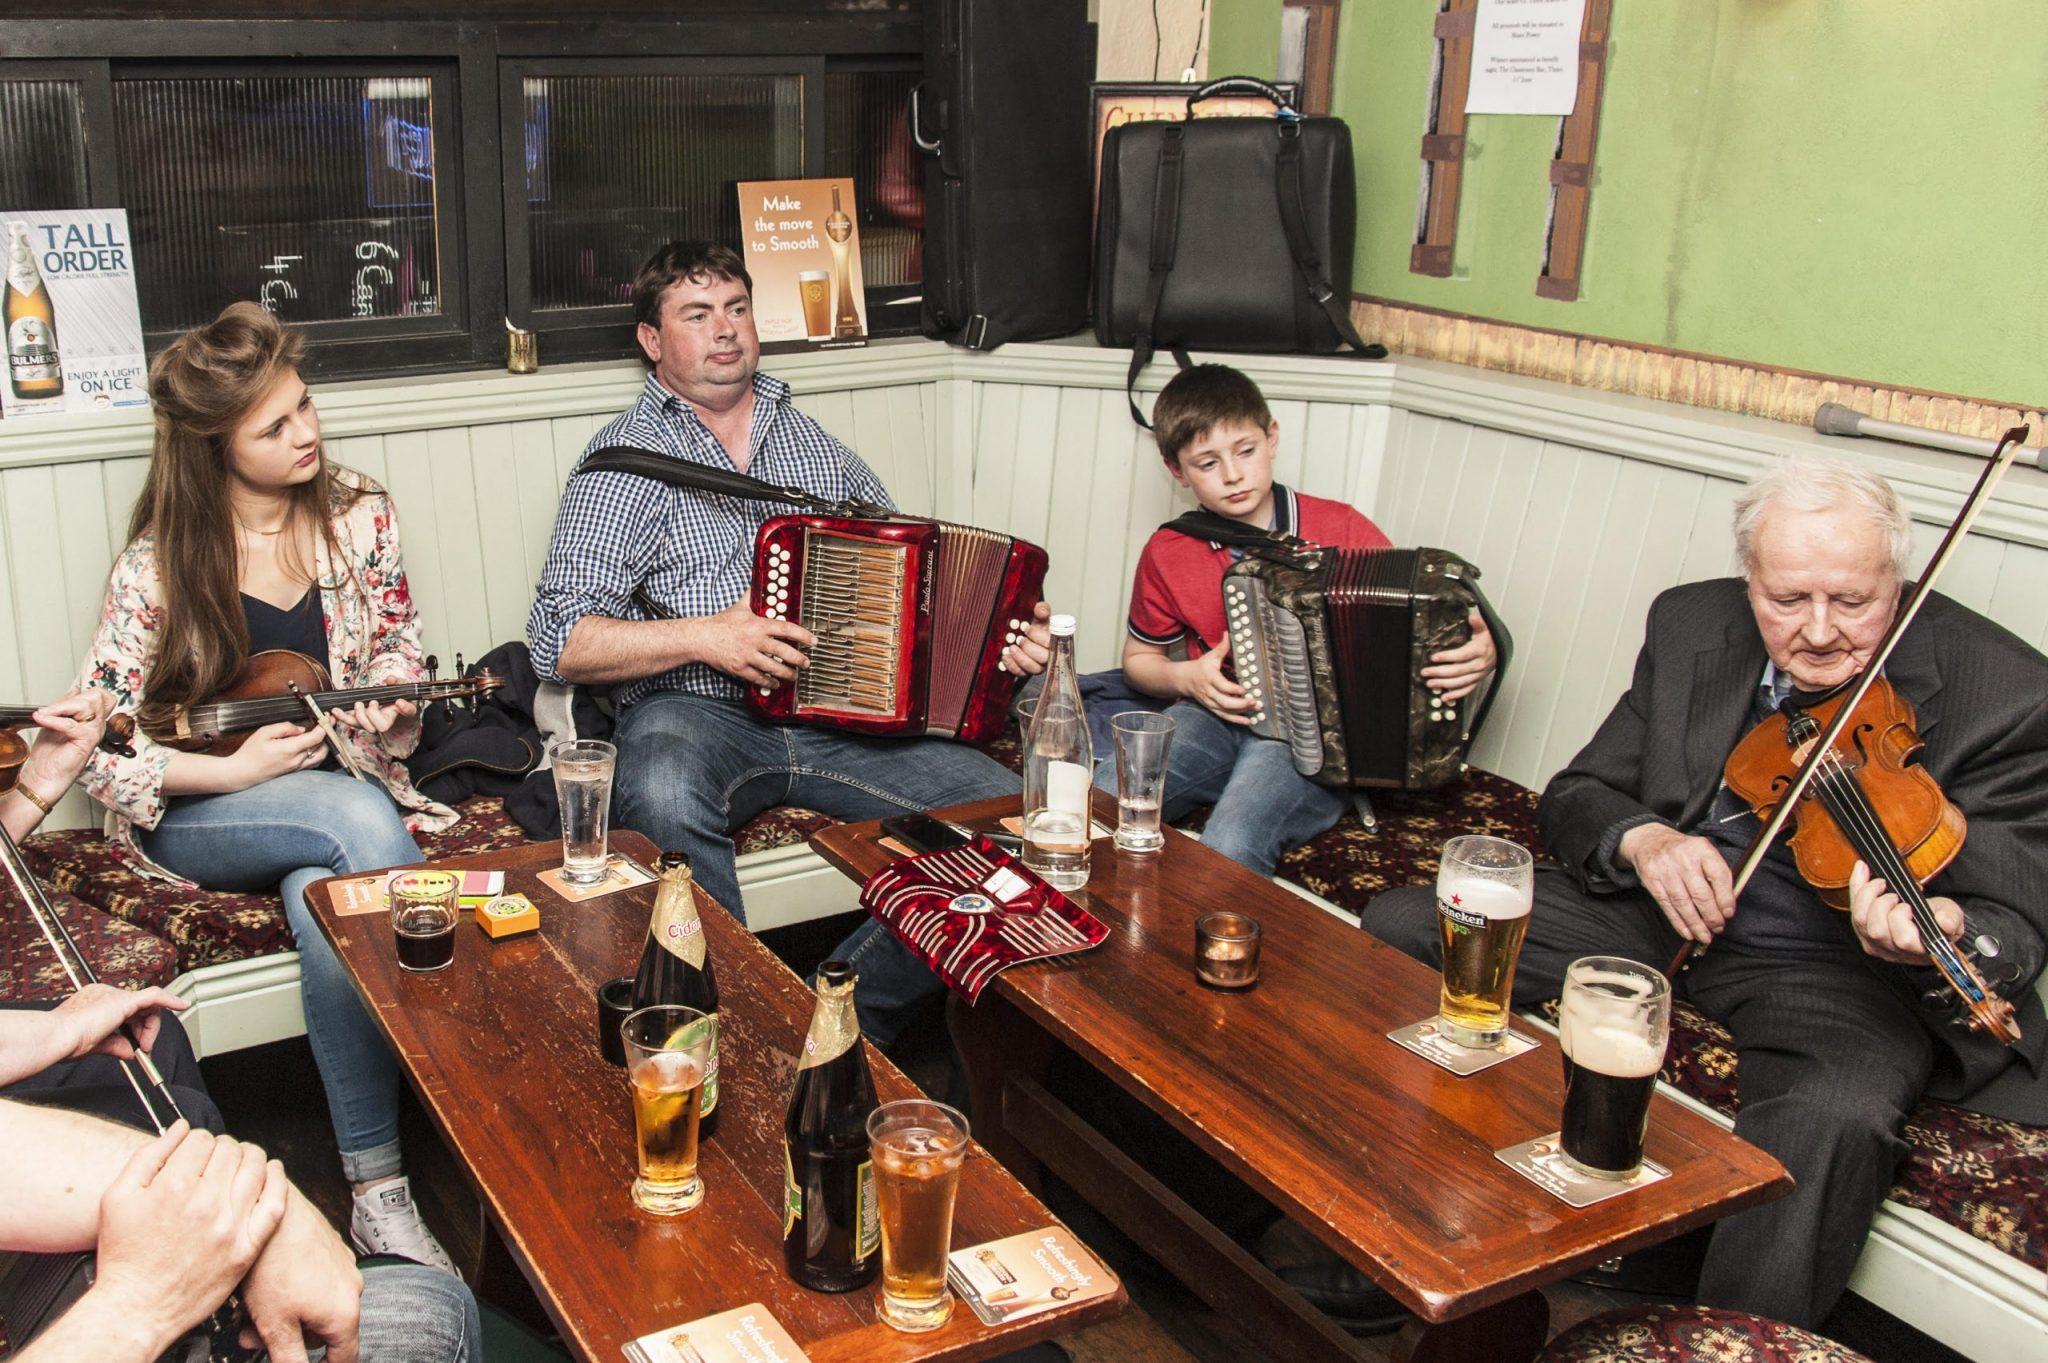 Irish bars and their thriving music scene